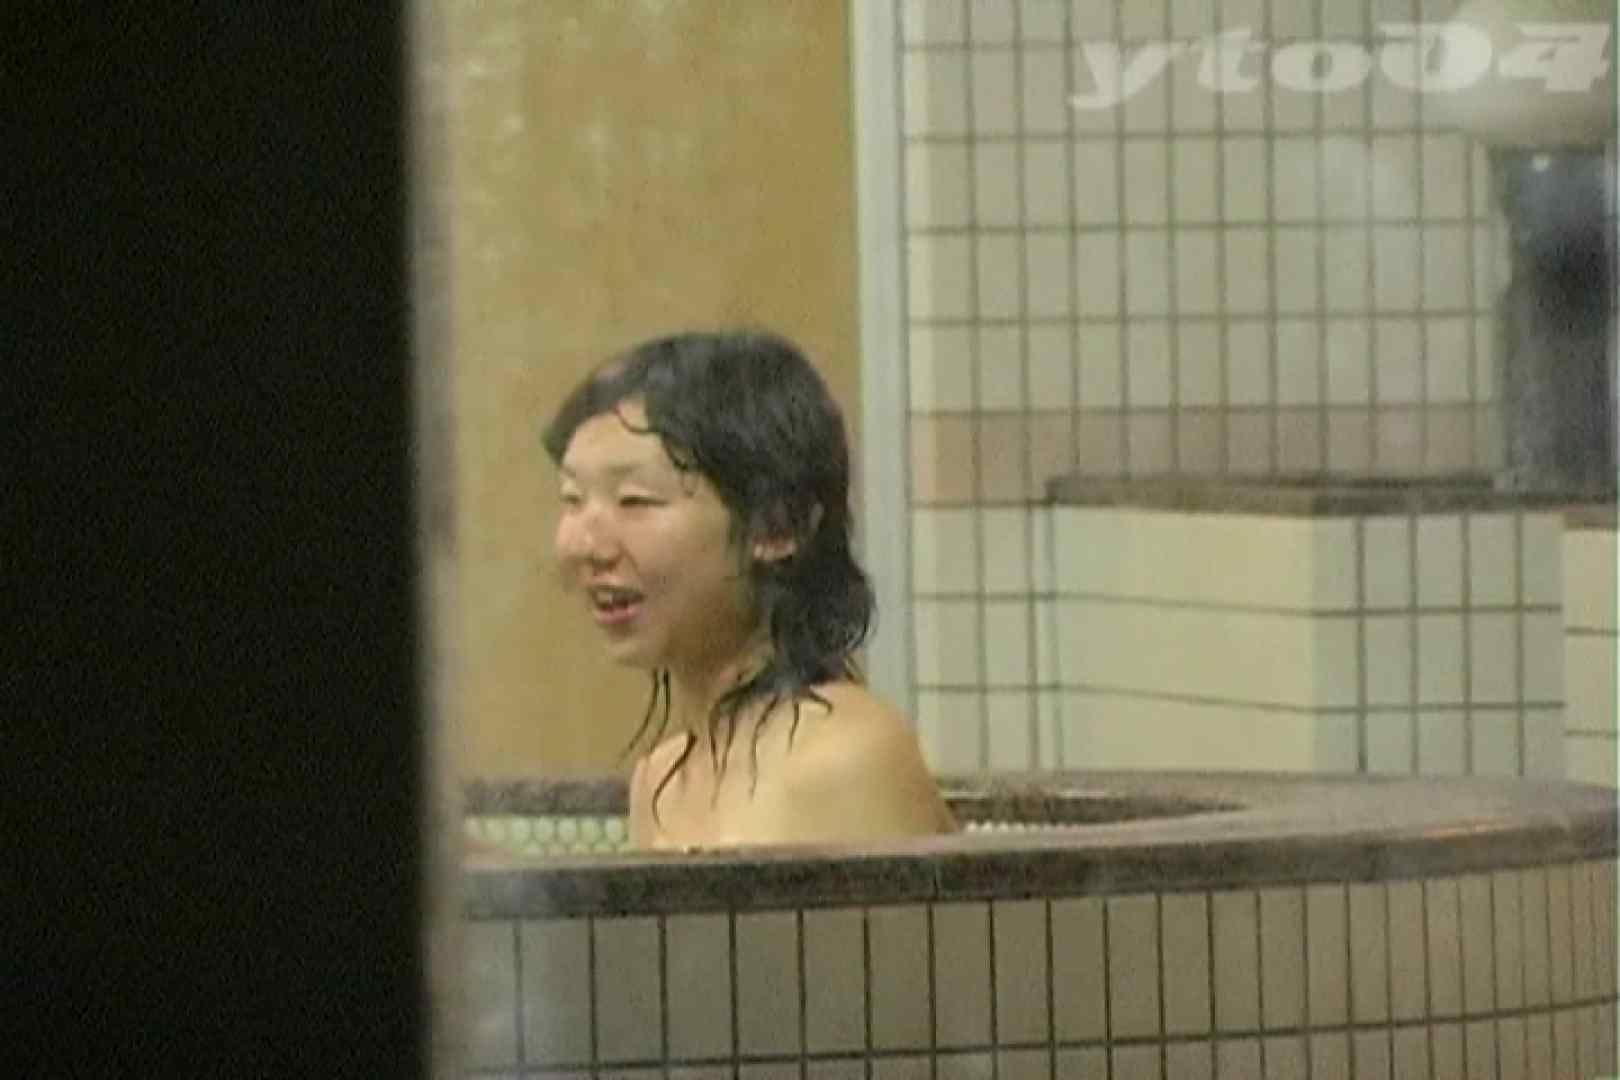 ▲復活限定▲合宿ホテル女風呂盗撮 Vol.24 名作 われめAV動画紹介 74画像 23